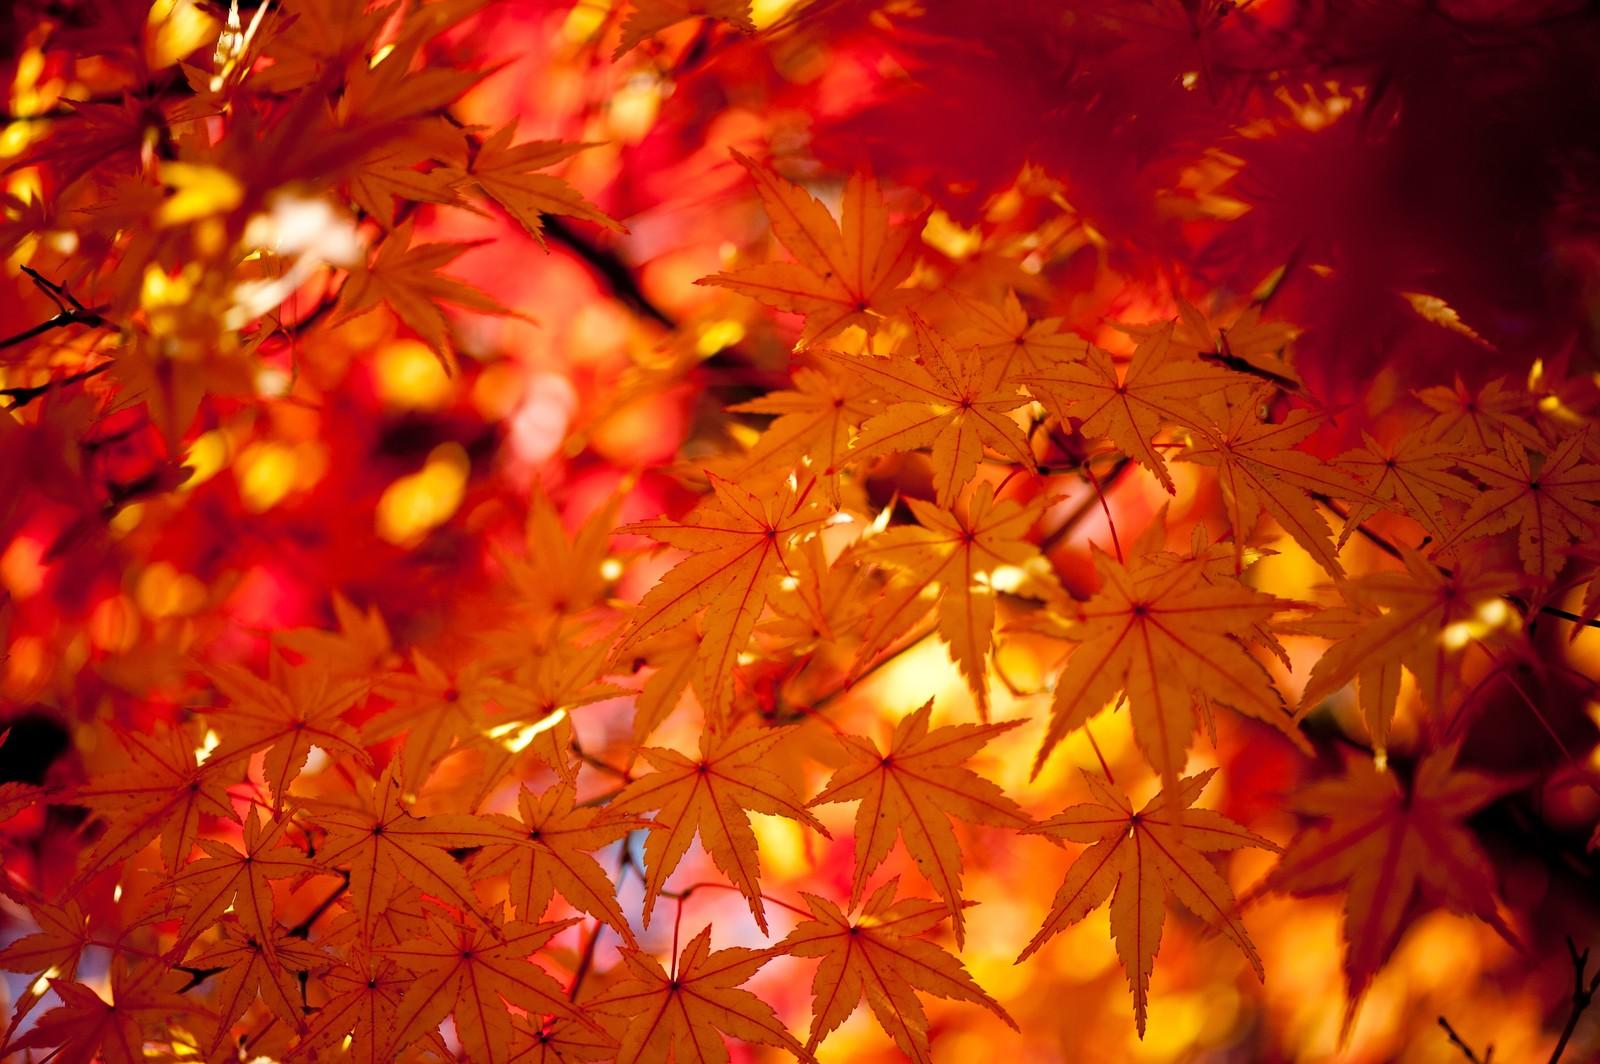 【お取り寄せも可】茨城県水戸市の熟成焼きいも専門店「あづまや」を紹介するよ!!